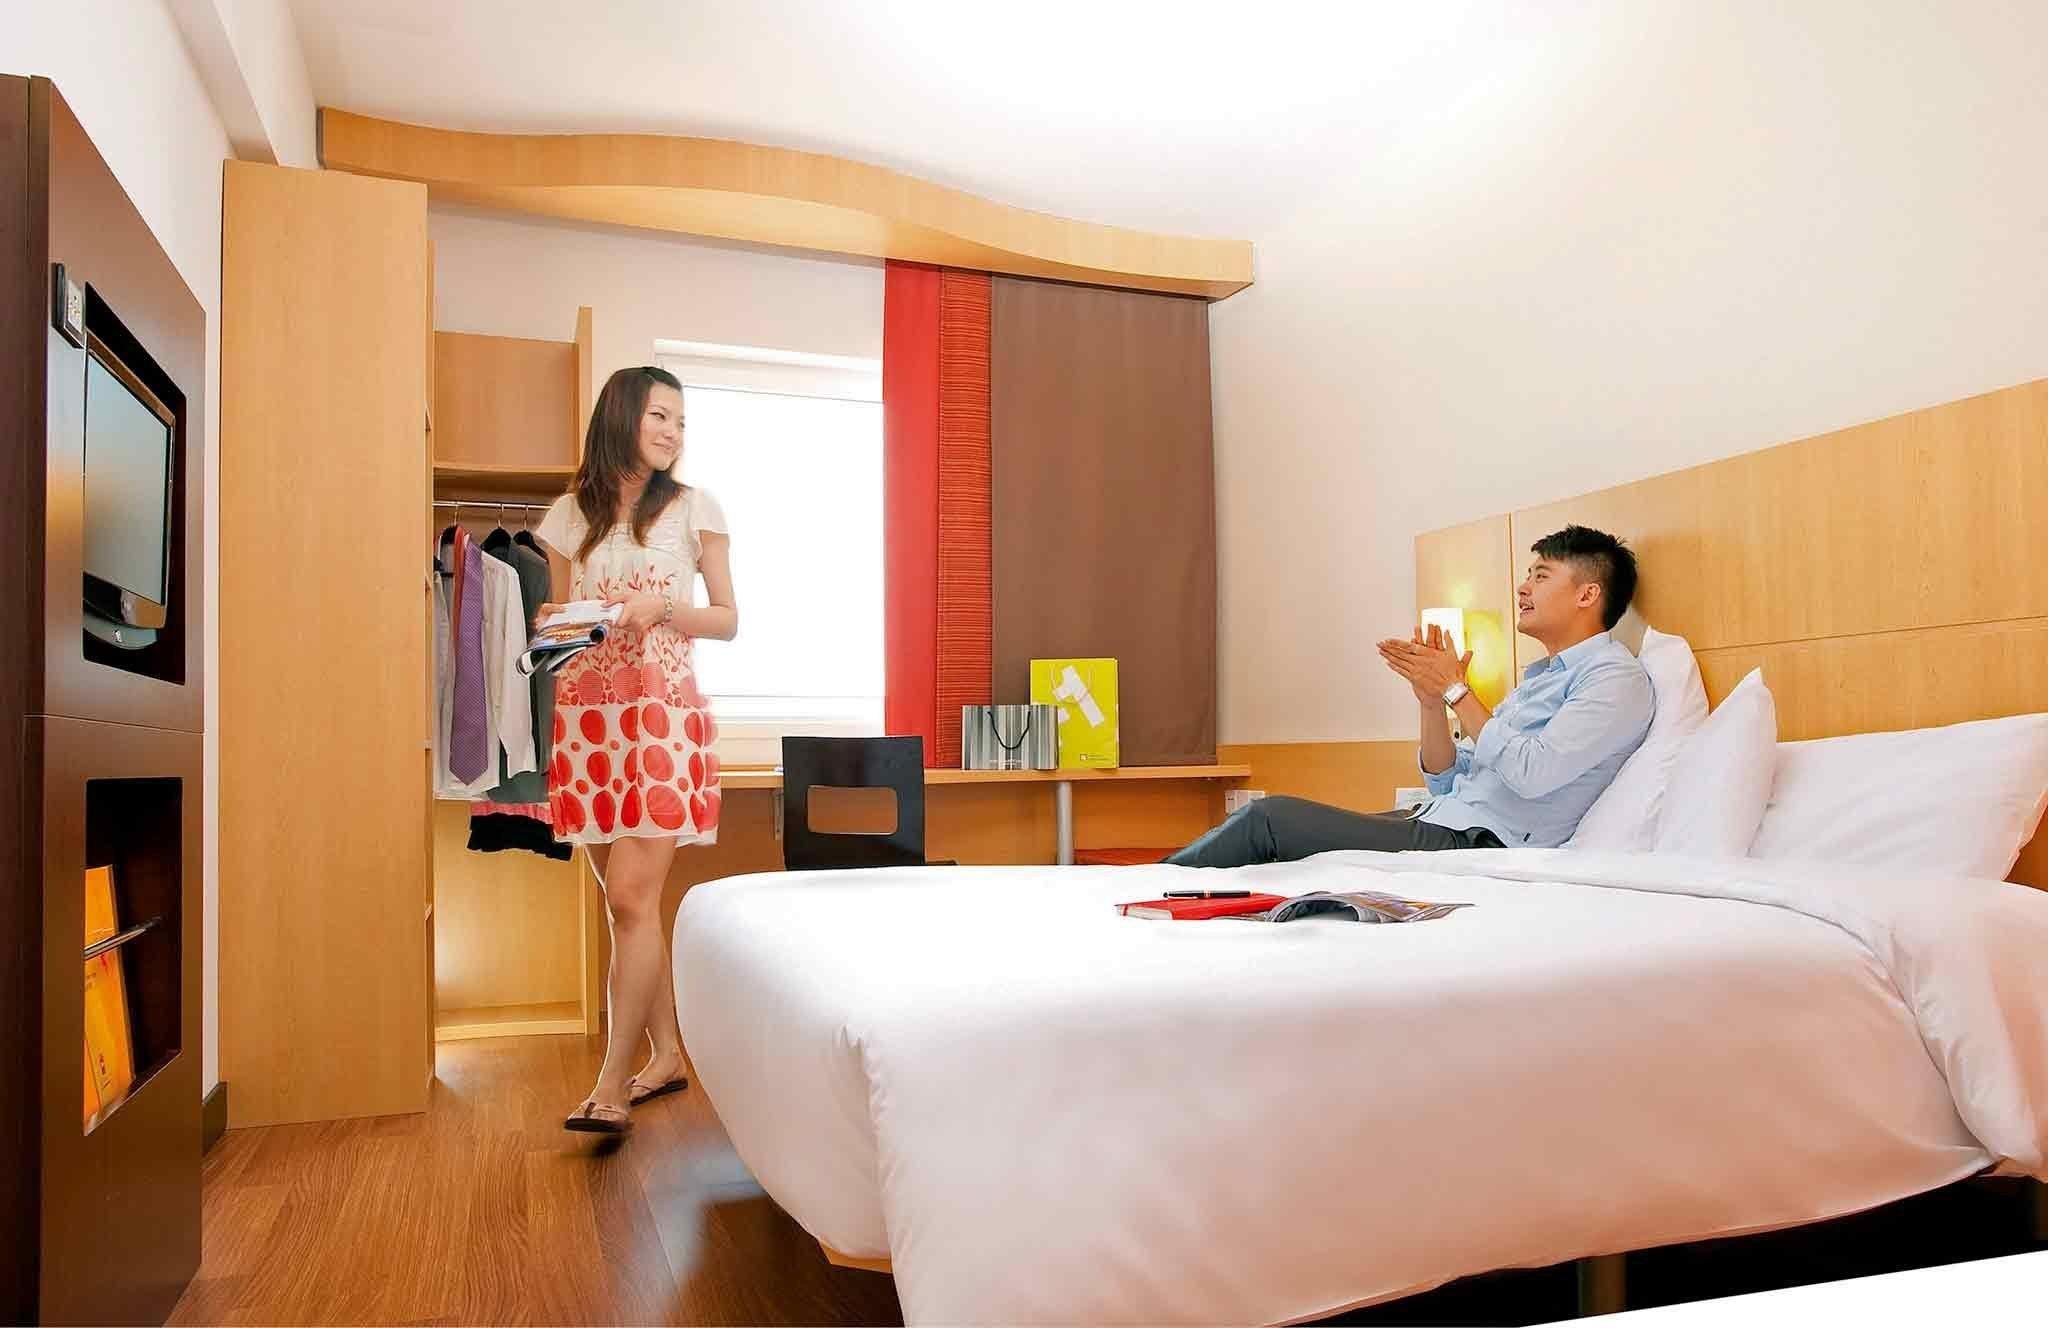 โรงแรมไอบิส สไตล์ อูฮั่น ออปติกส์ วัลเล่ย์ สแควร์